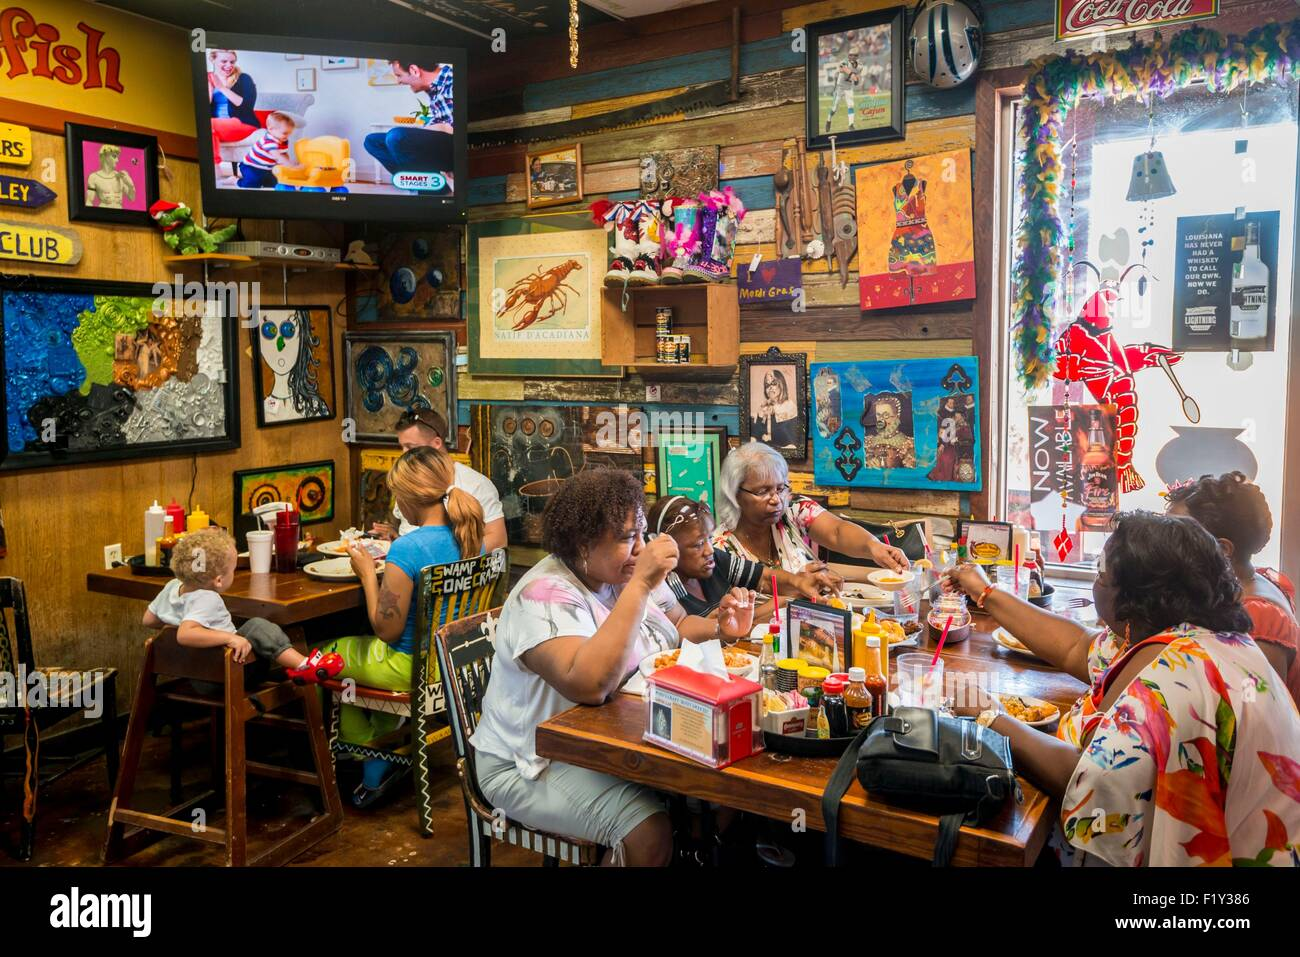 Etats-unis, Louisiane, Breaux Bridge, Crazy Bout restaurant est spécialisé dans la langouste, crabes et Photo Stock